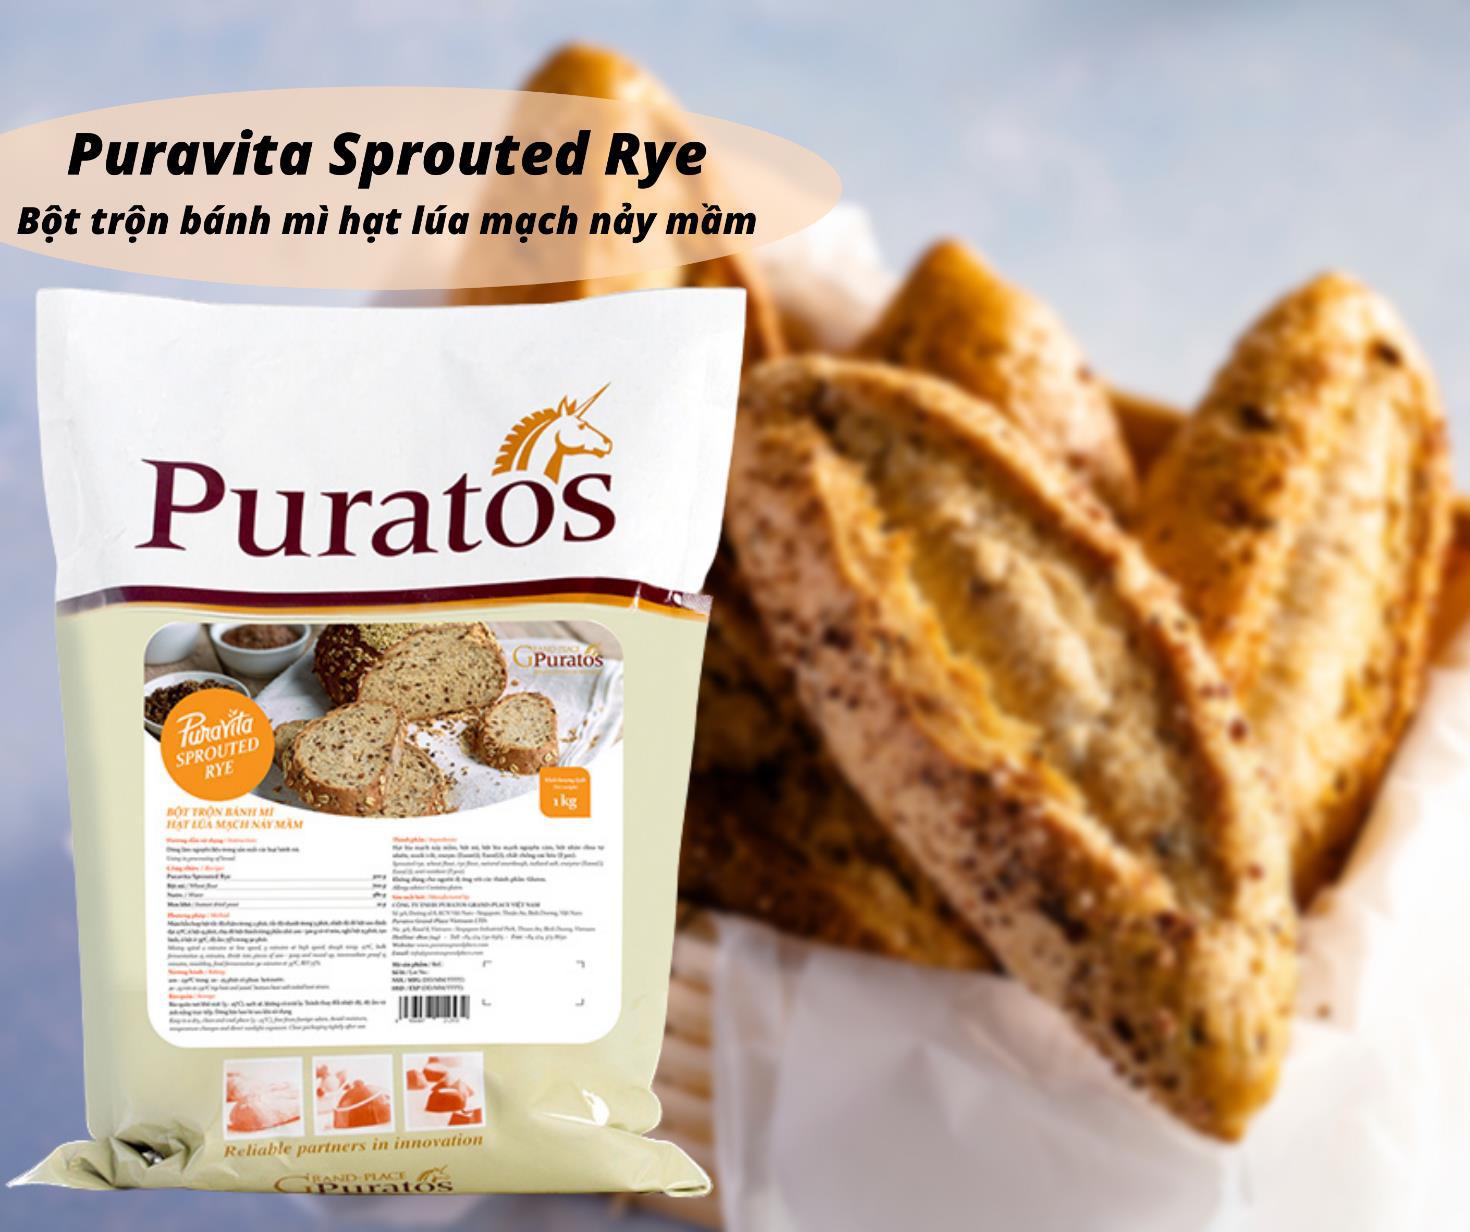 Tăng cường hệ miễn dịch với bánh mì hạt lúa mạch nảy mầm - Ảnh 4.